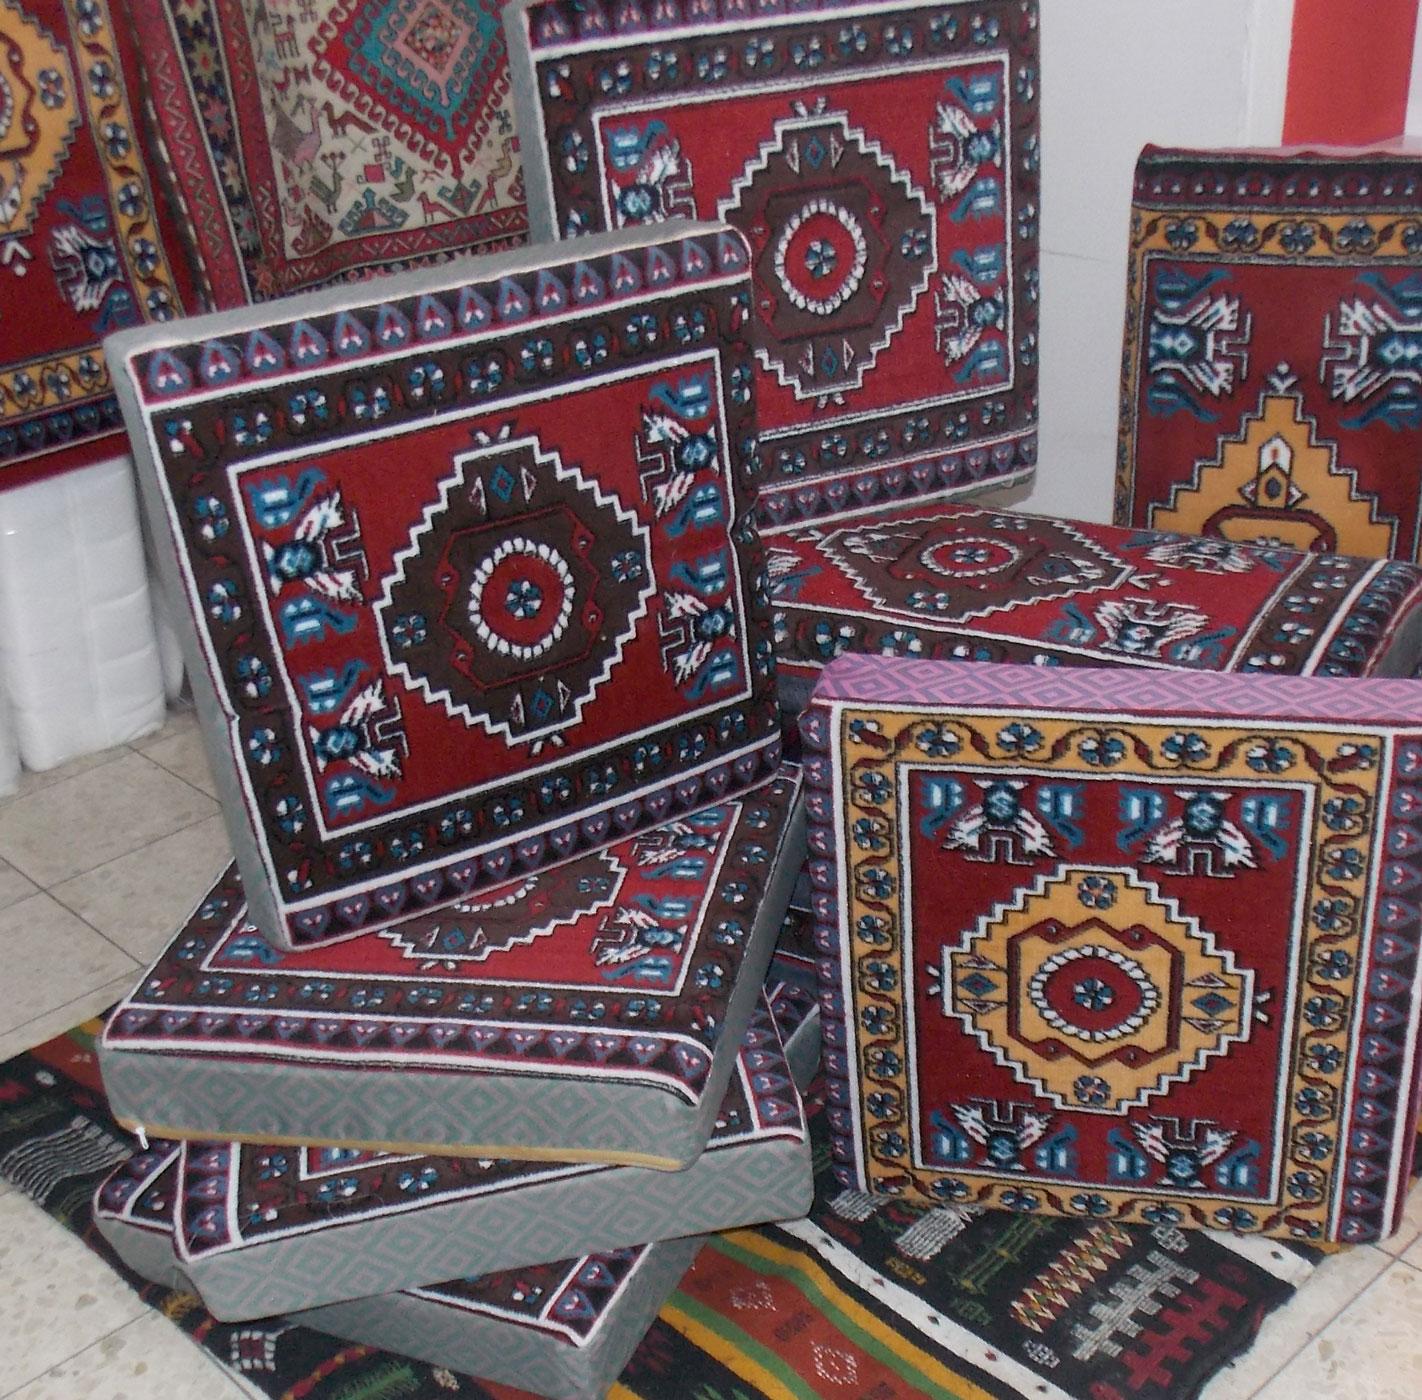 orienteck r ckenkissen yuvam m belhaus in wuppertal cilek offizieller h ndler in europa. Black Bedroom Furniture Sets. Home Design Ideas